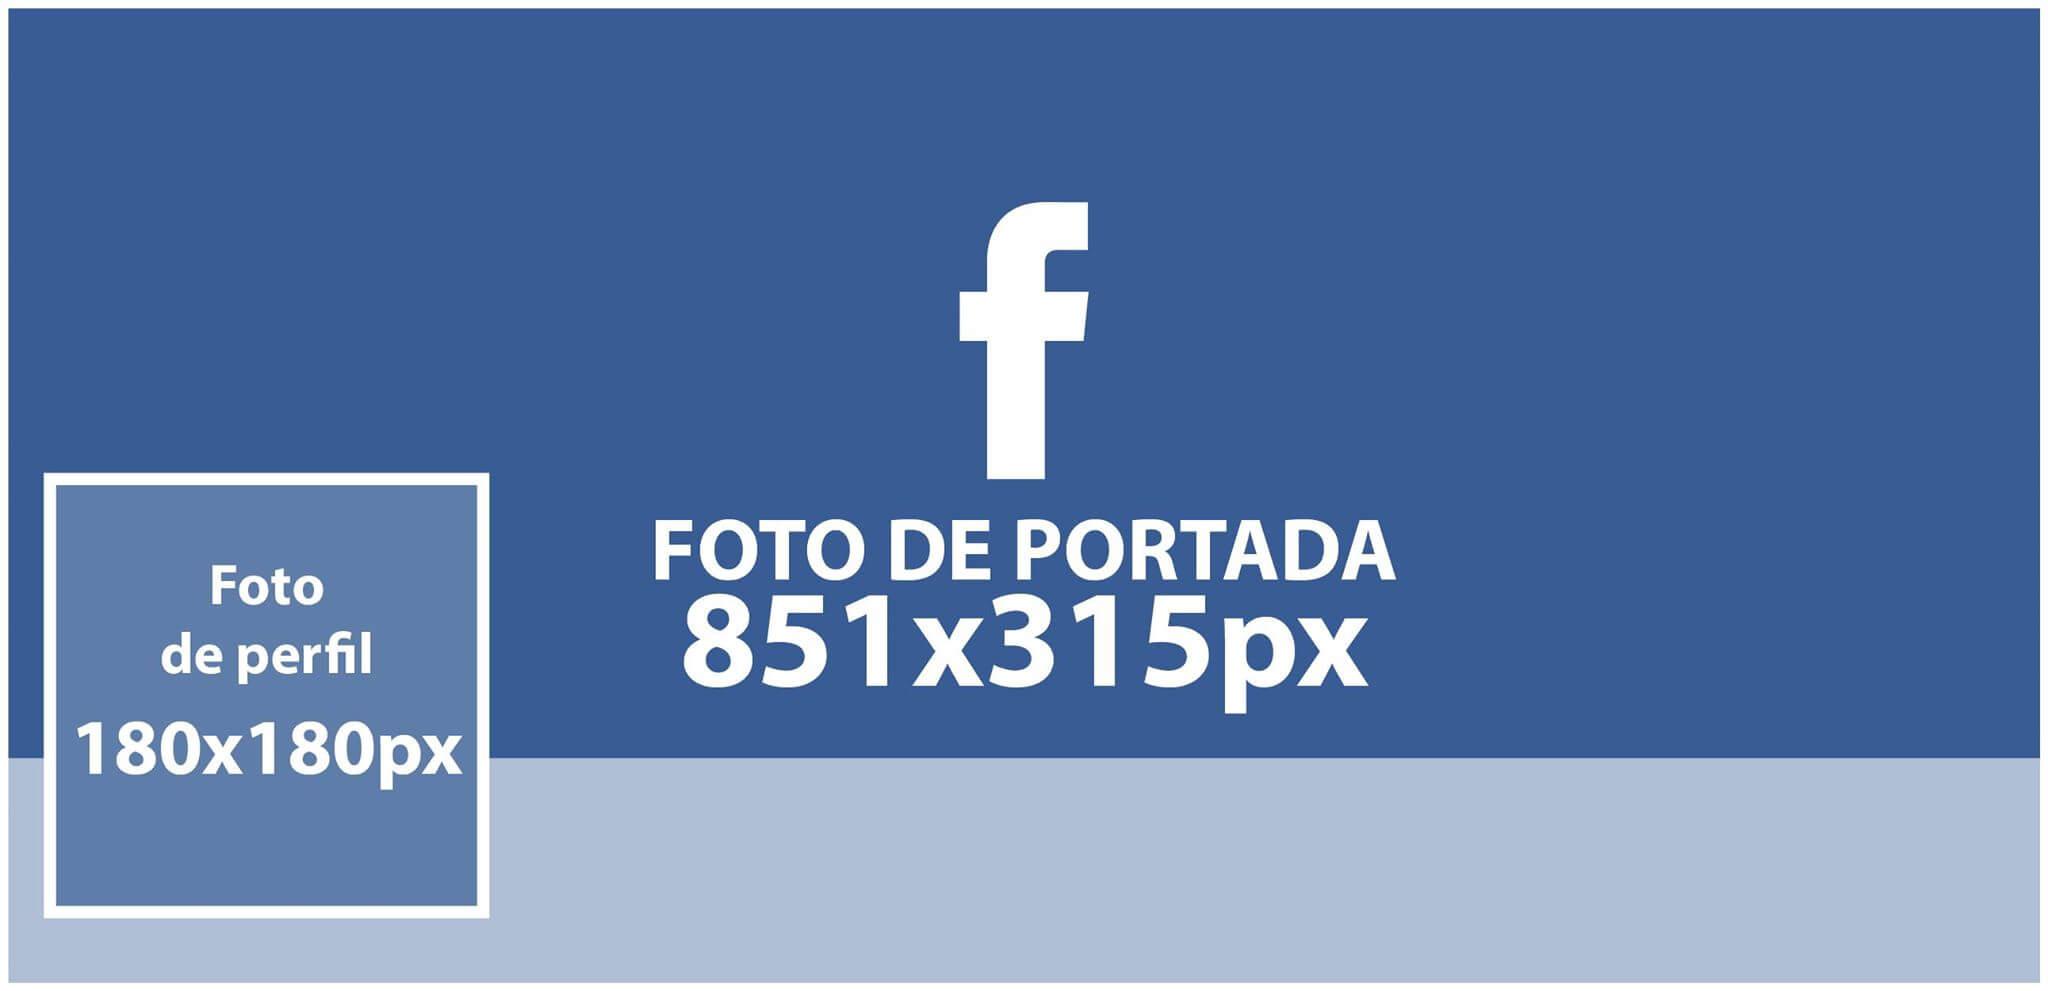 tamano-imagenes-facebook-portada-1